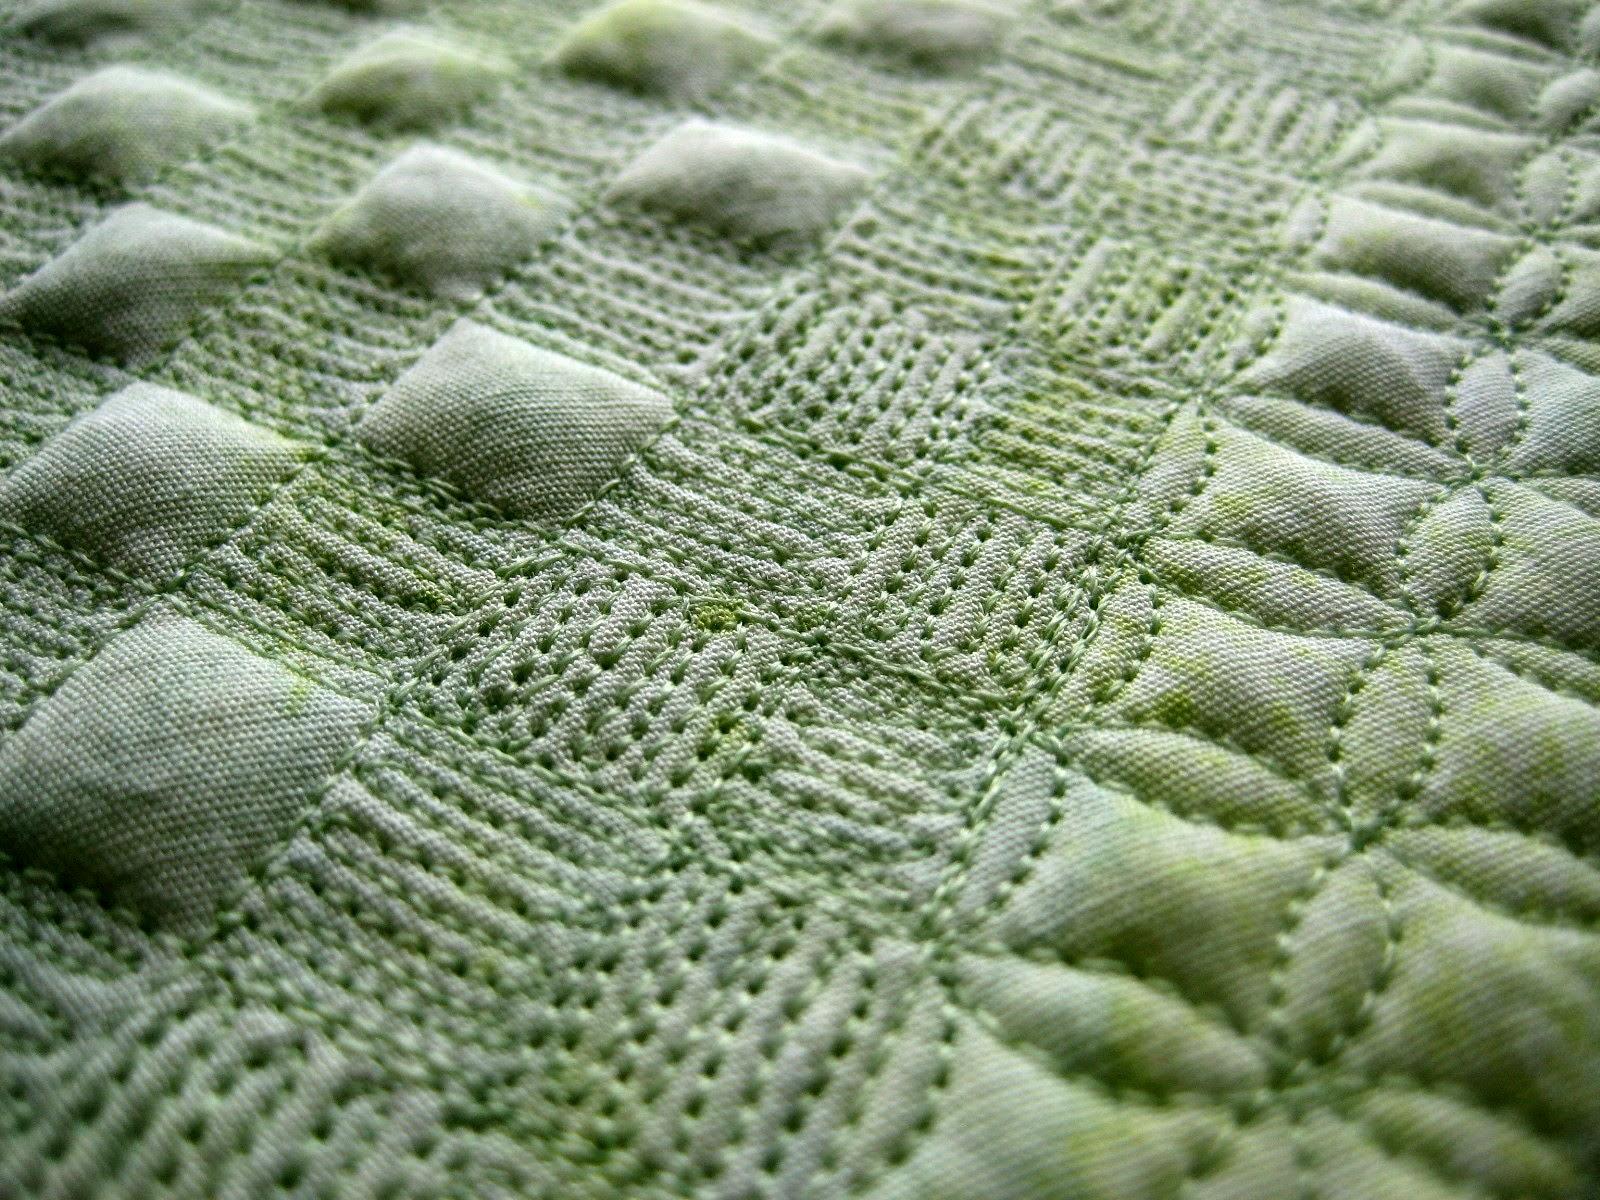 grid-based basket weave FMQ